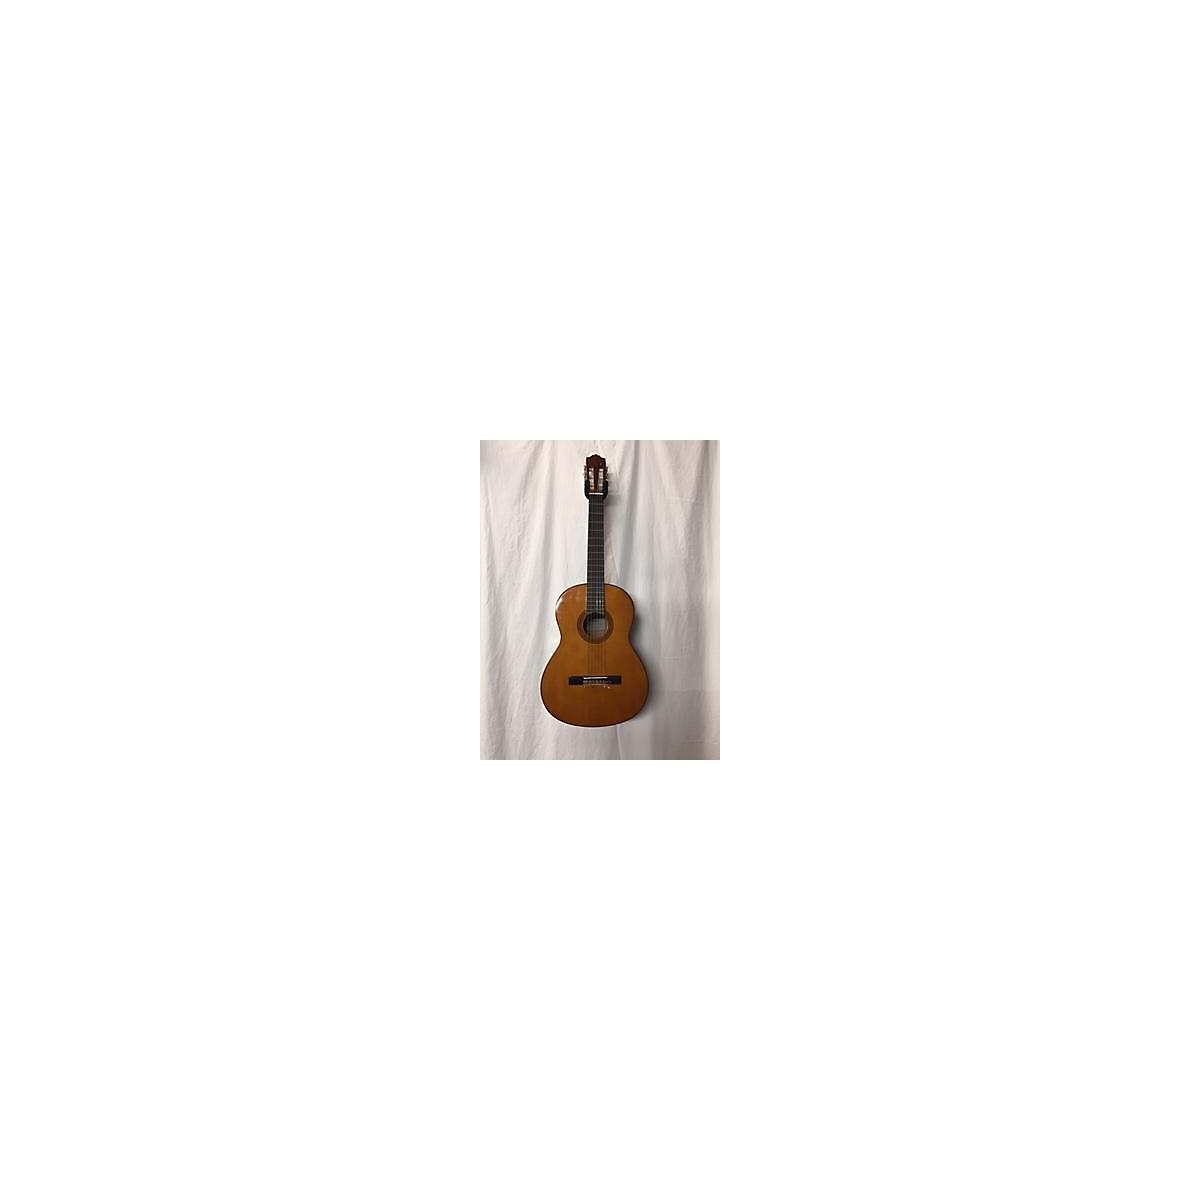 Yamaha CG-130SA Acoustic Guitar